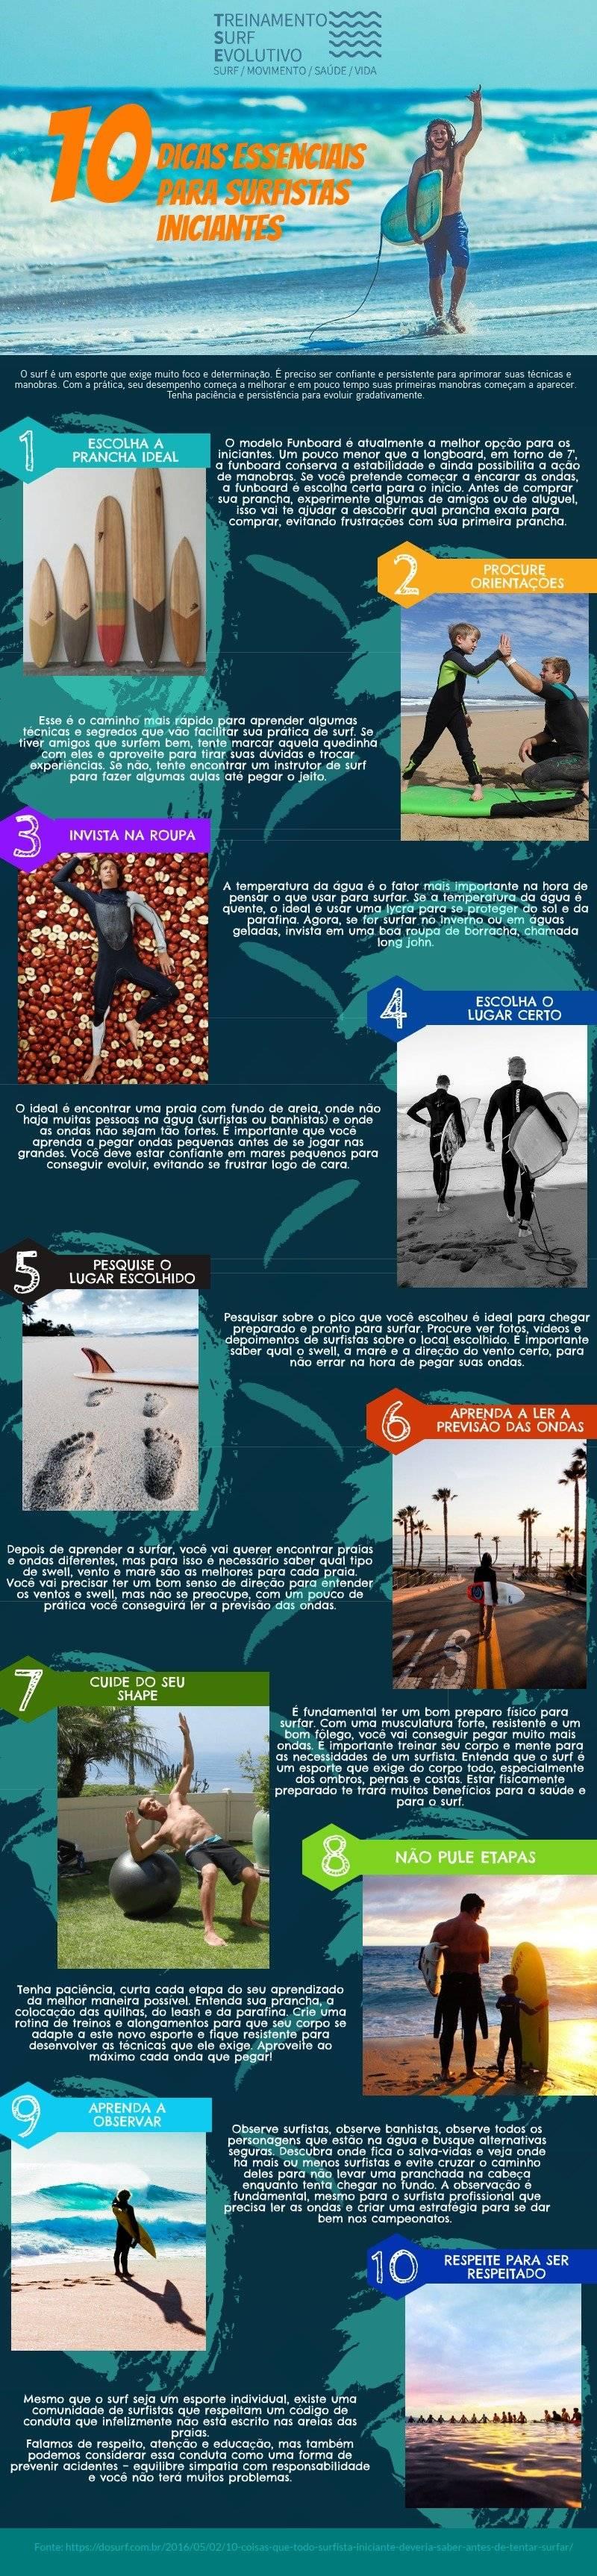 10 dicas para o surfe